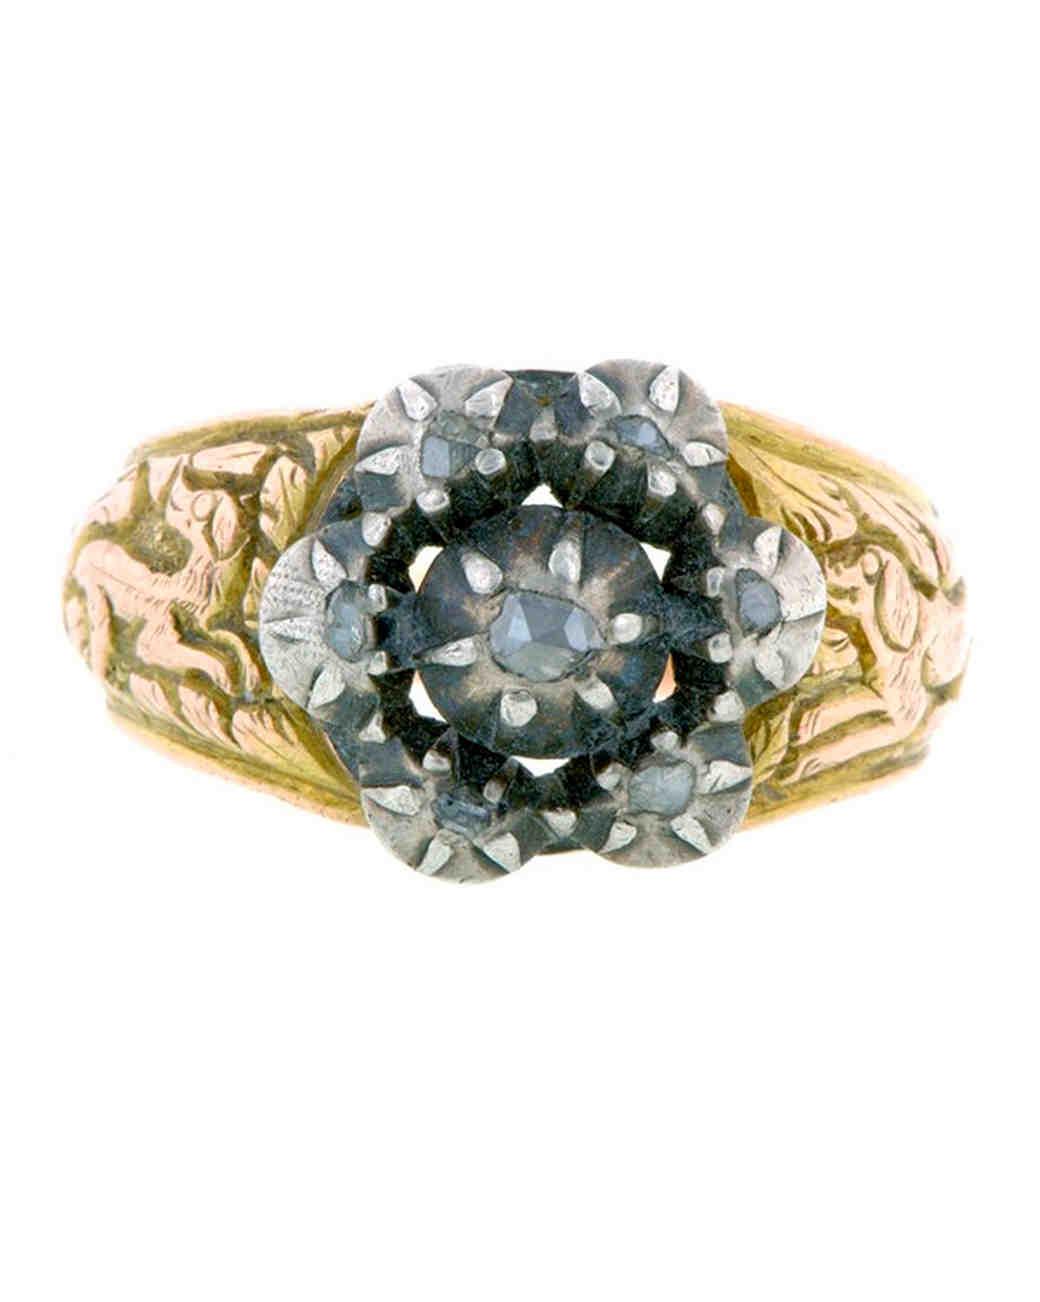 buying-vintage-engagement-ring-doyle-doyle-georgian-rose-cut-diamond-0215.jpg